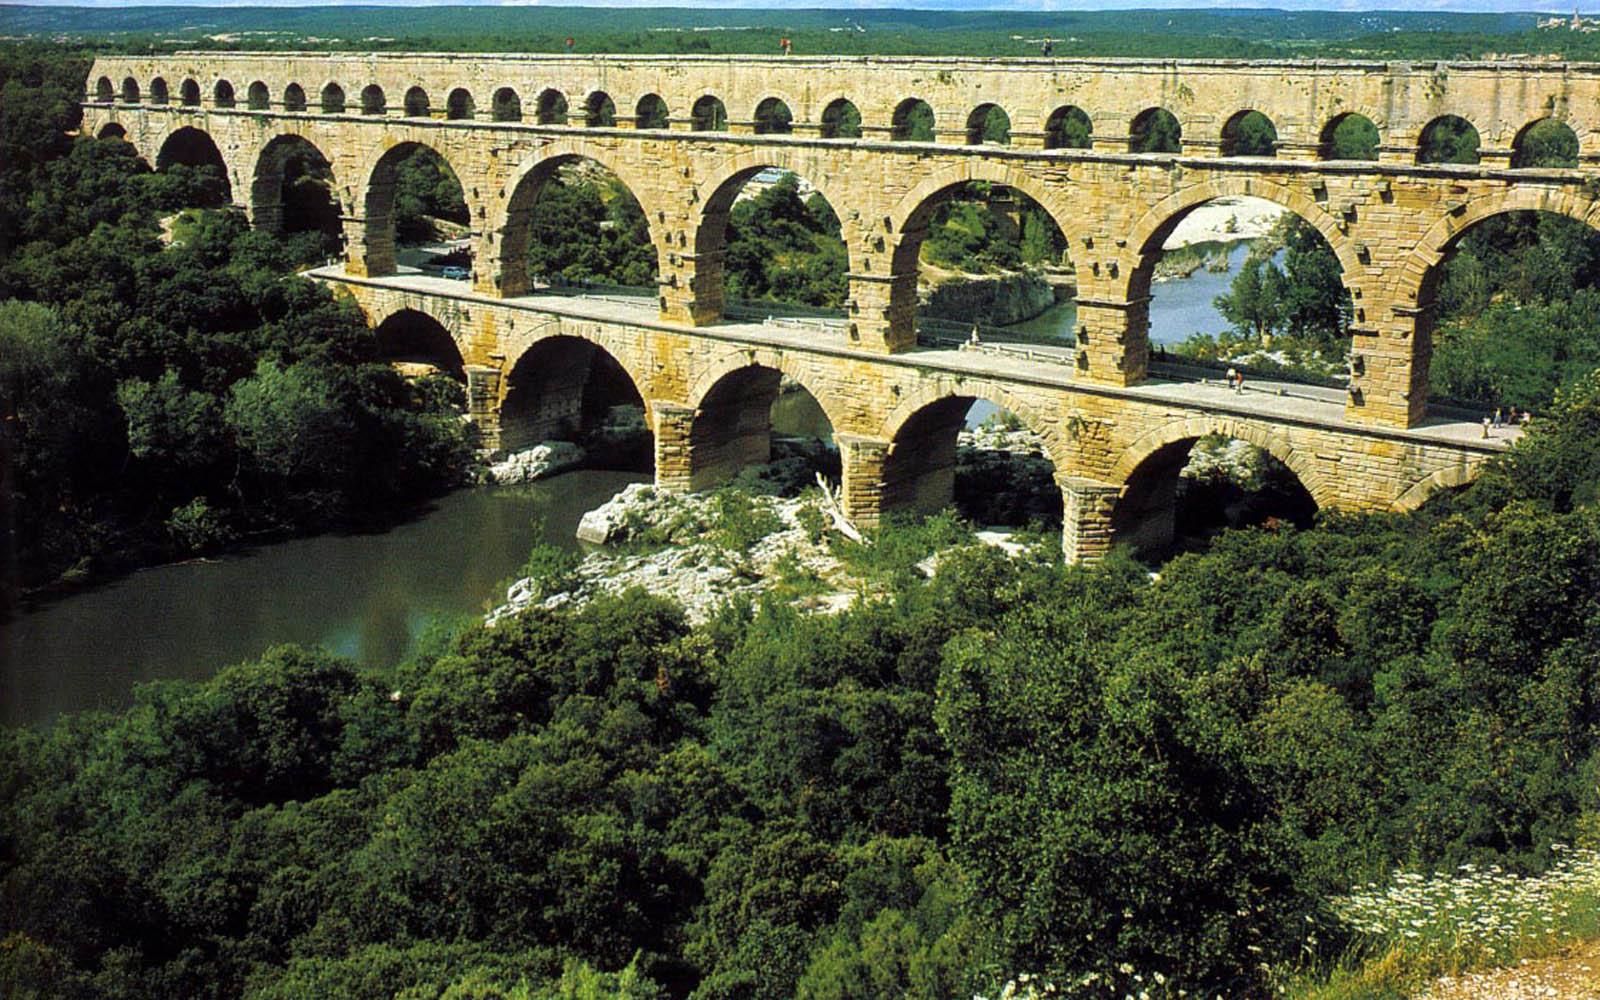 pont du gard roman aqueduct city wallpaper 8 jpg